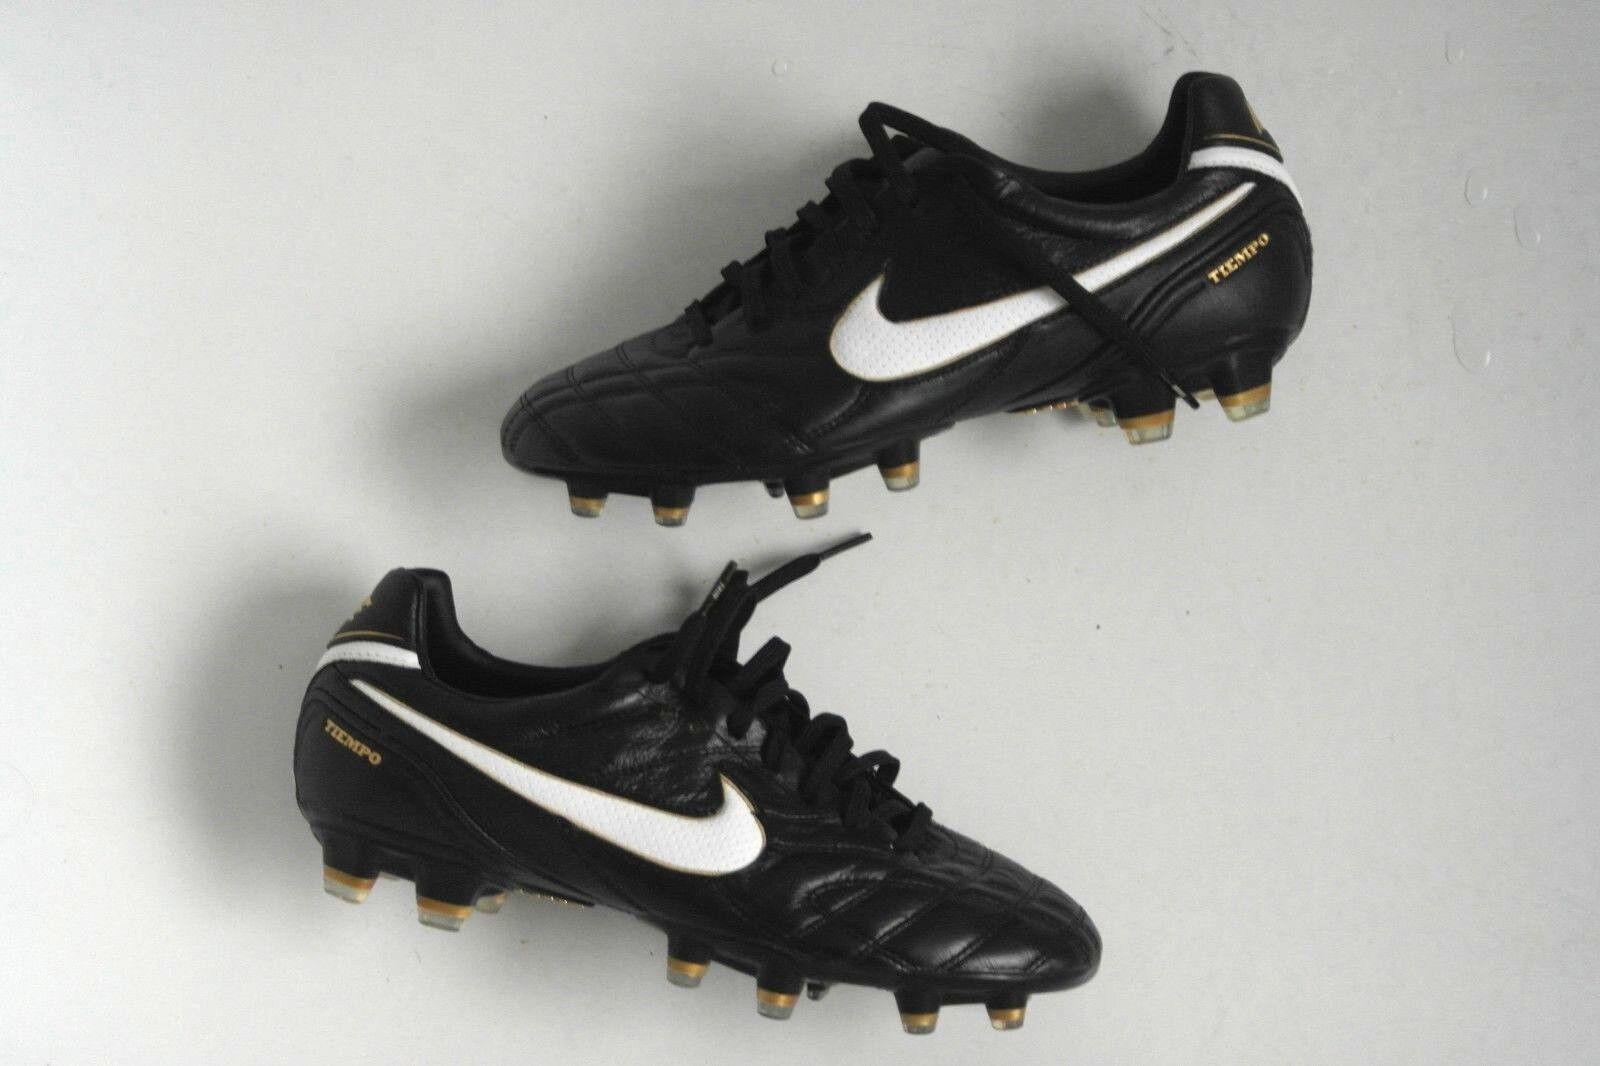 Nike tiempo legend iii fg-ronaldinho r10 - 41 botas de fútbol 7 us 8 totti